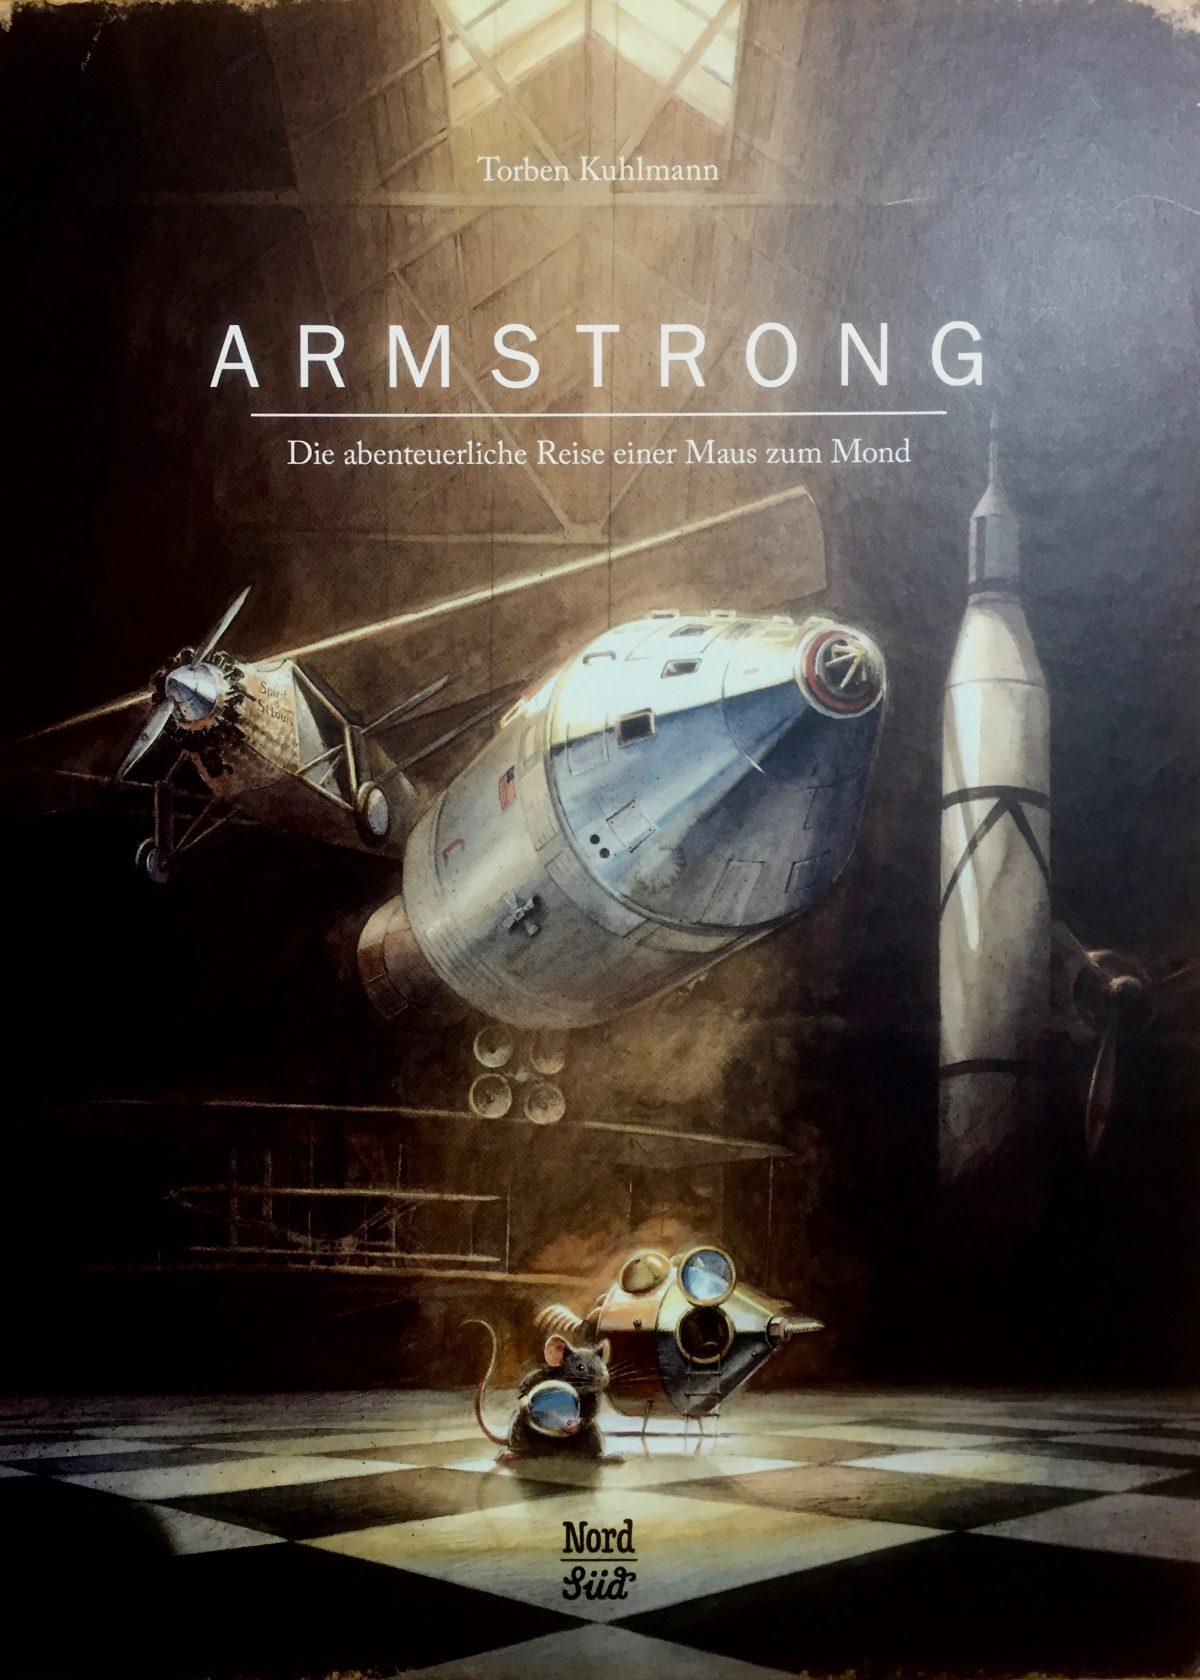 Titelbild des Kinderbuches ARMSTRONG von Torben Kuhlmann